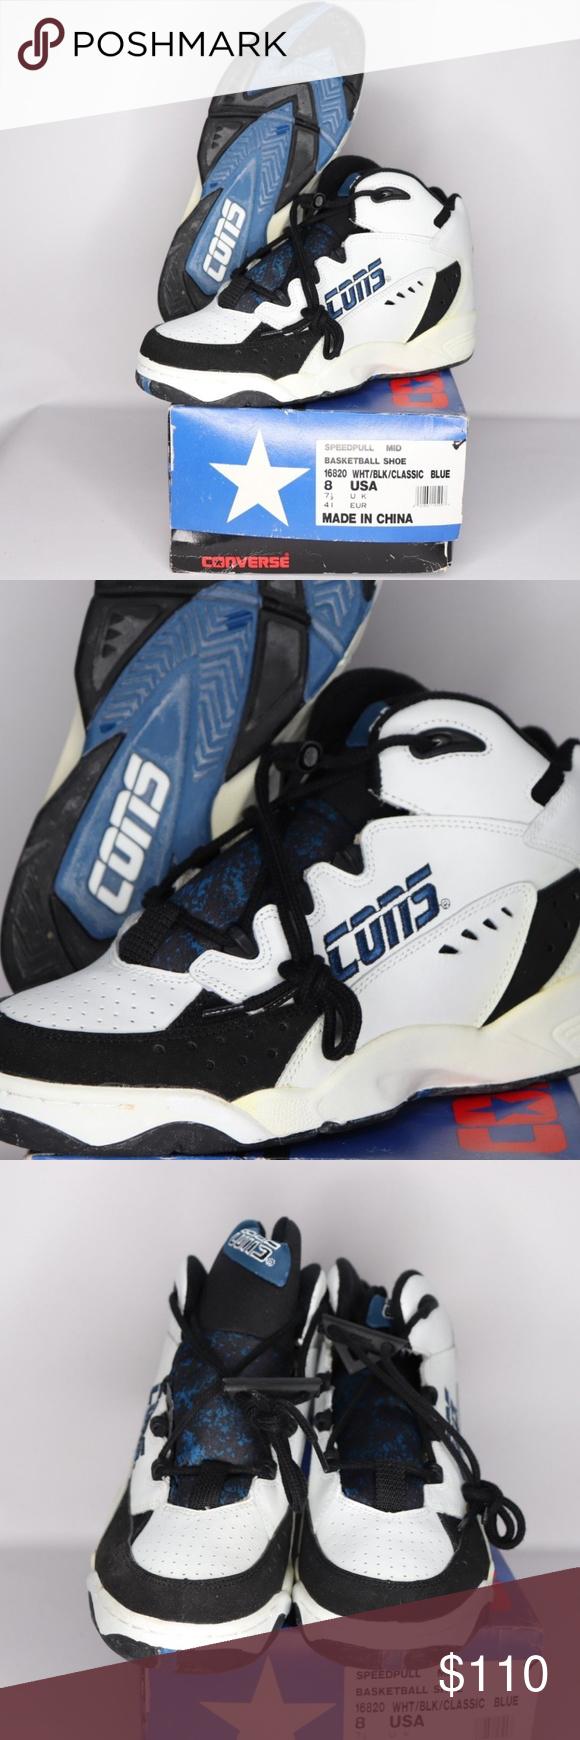 5b05df1f8b45 Vintage New Converse Speedpull Mid Shoes White 8 Vintage 90s Converse  Speedpull Mid Cons Basketball Shoes Basketball Shoes New with box